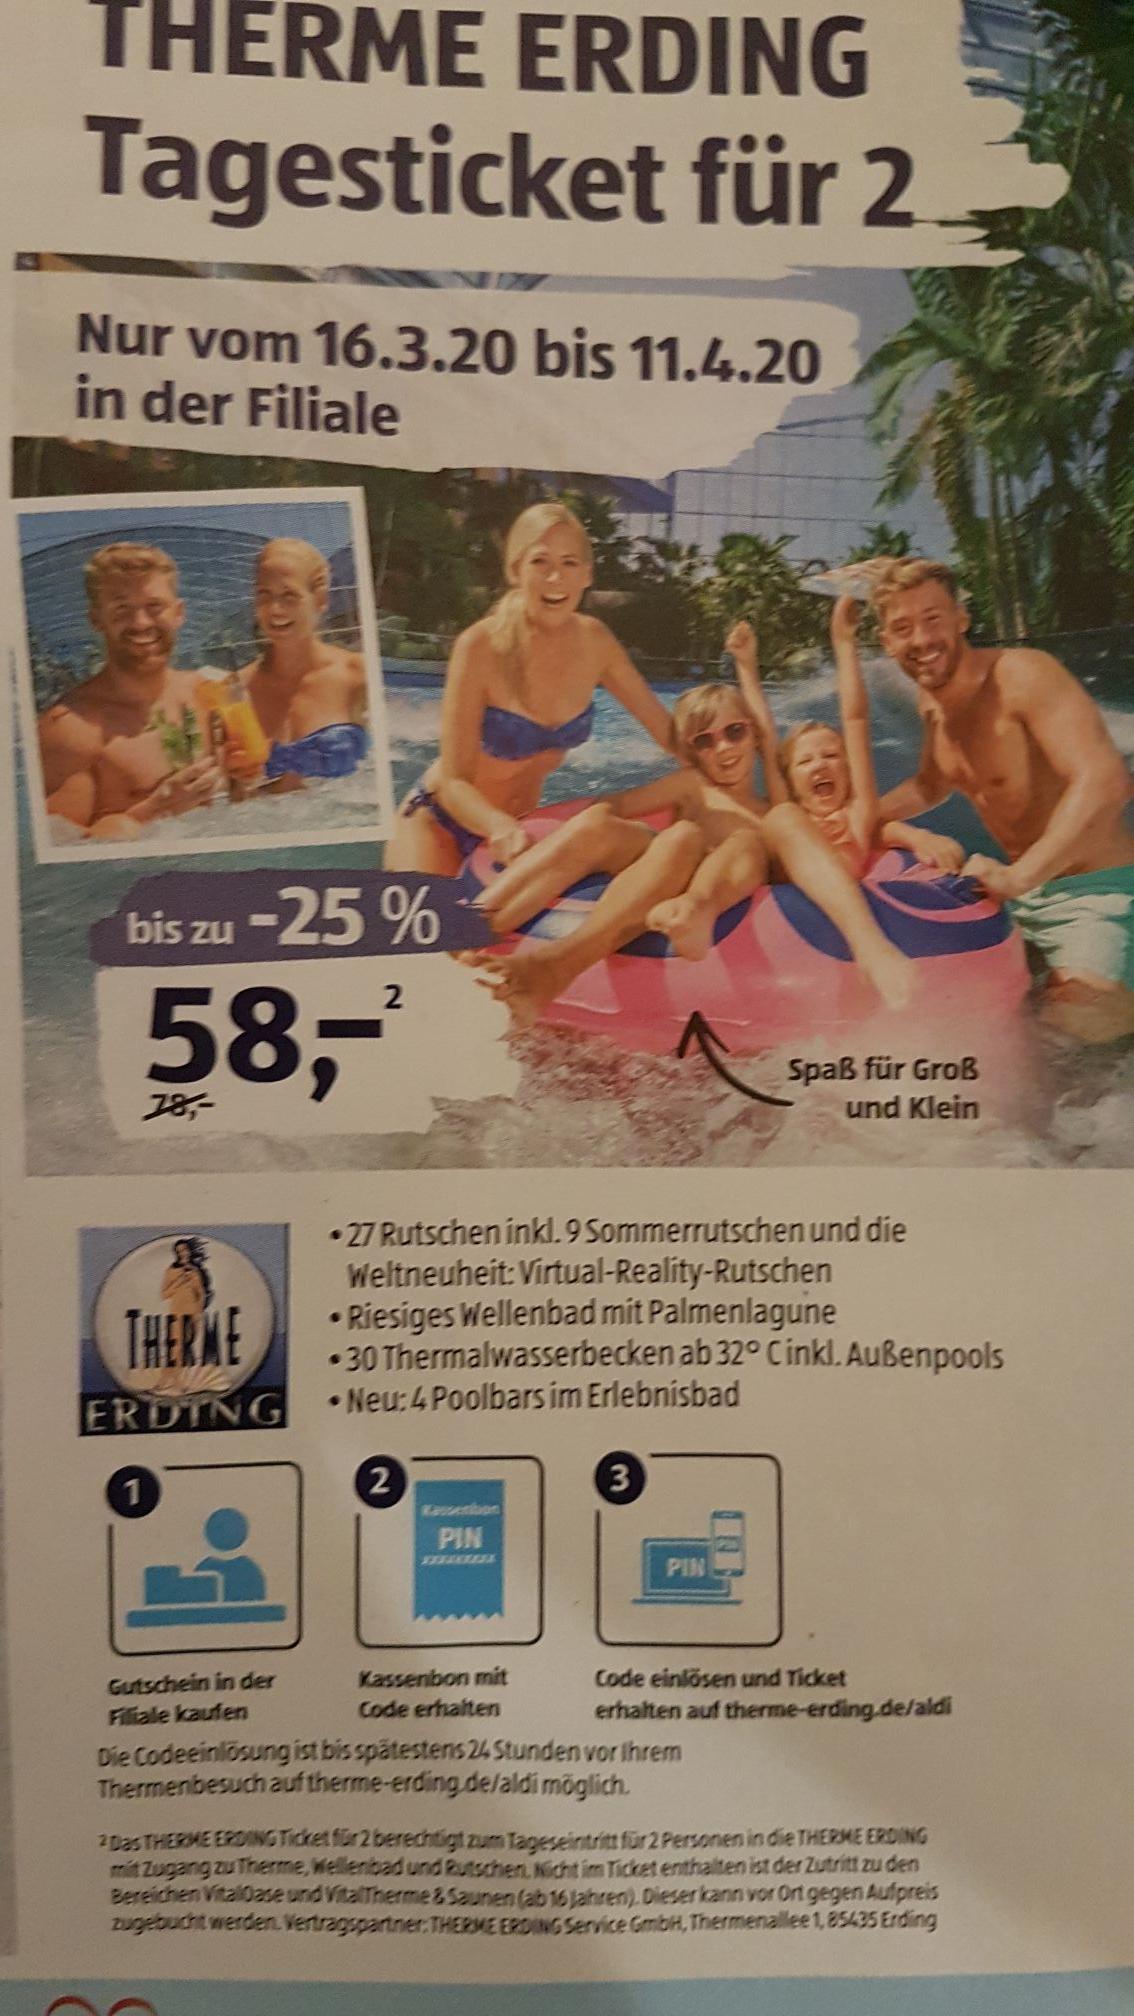 Therme Erding 2*Tageseintritt für 58€ bei AldiSued ab 16.03.